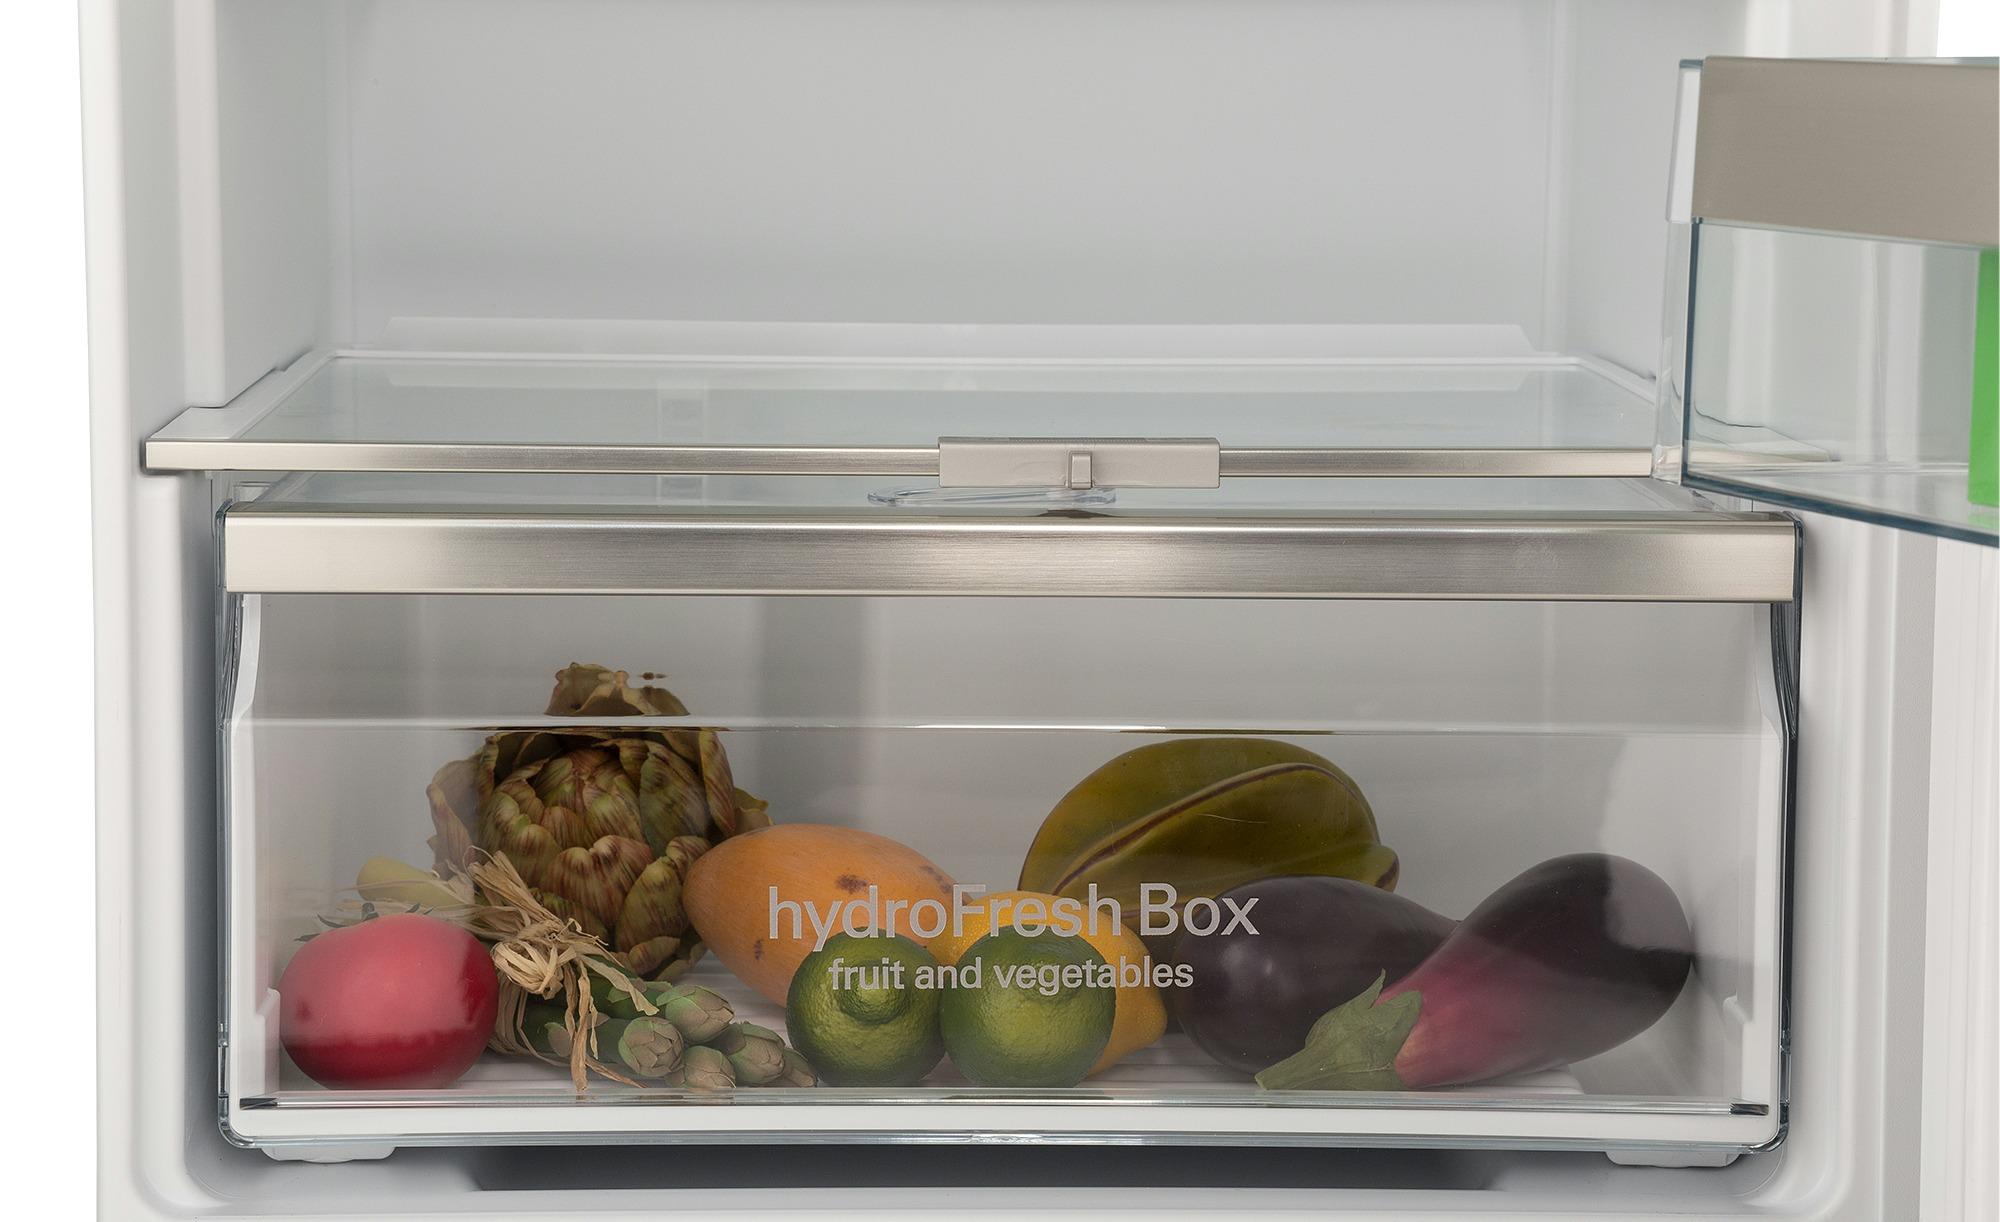 Siemens Kühlschrank Temperatur : Siemens einbau kühlschrank ki laf bei möbel kraft online kaufen